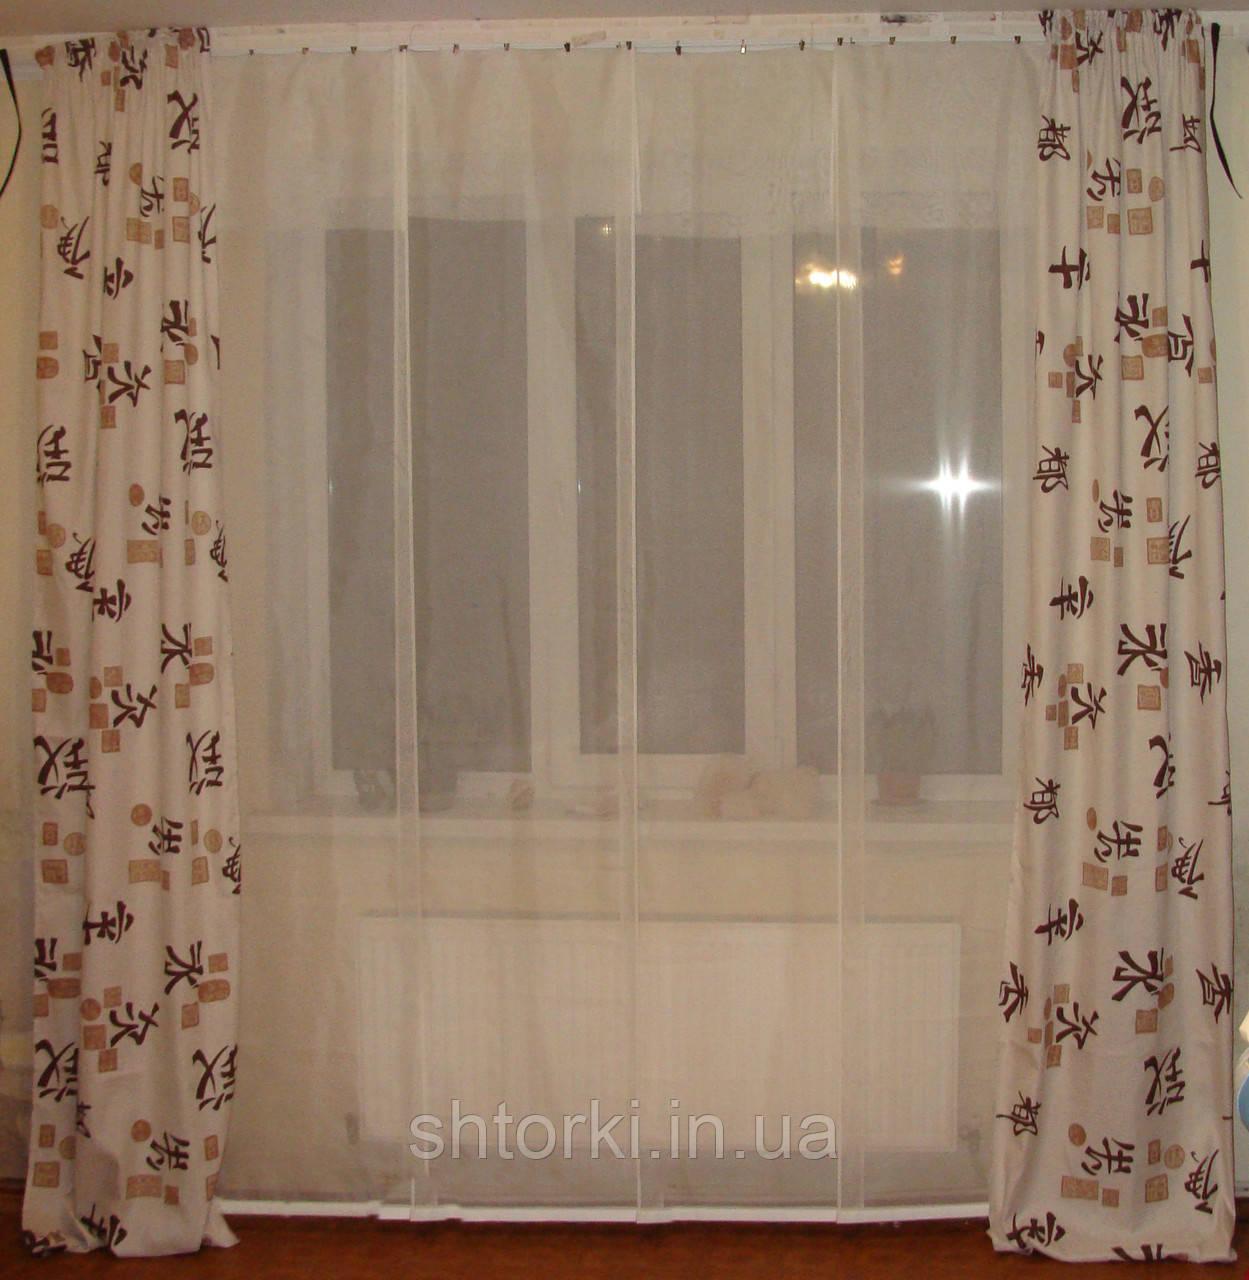 Комплект штор и тюль панельки Иероглифы